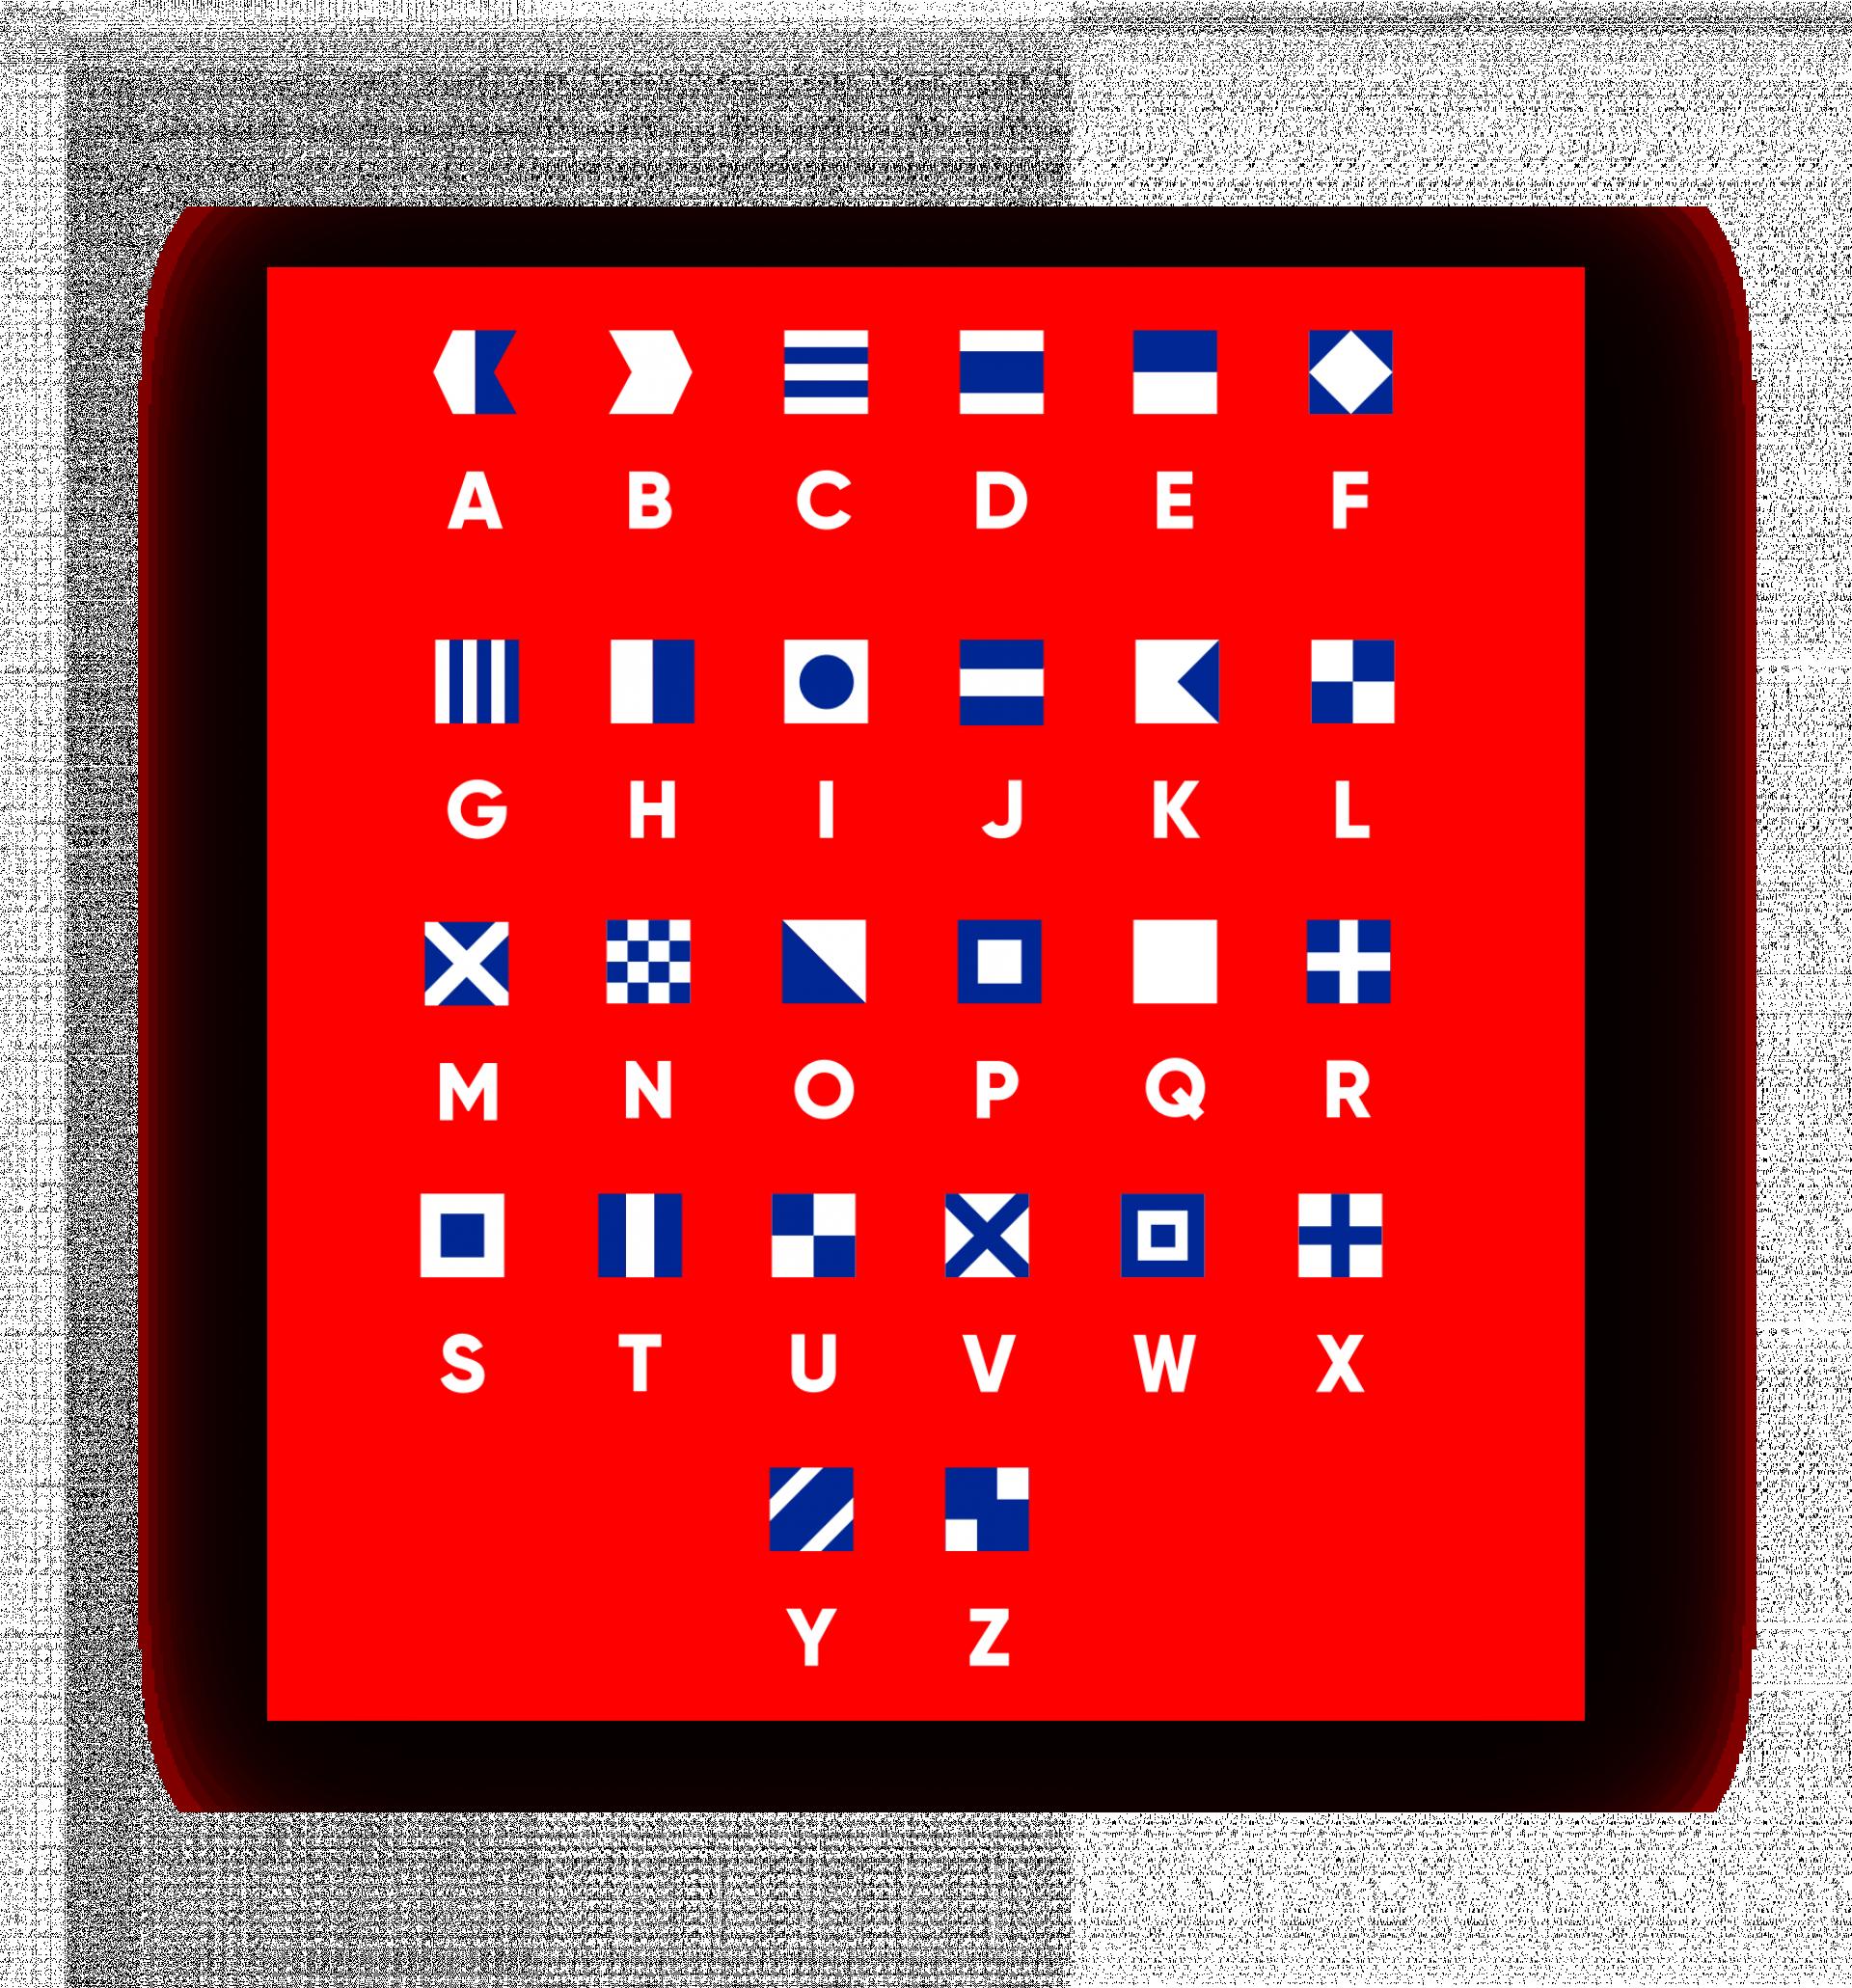 Signalflaggen-Alphabet für Signals of Hope